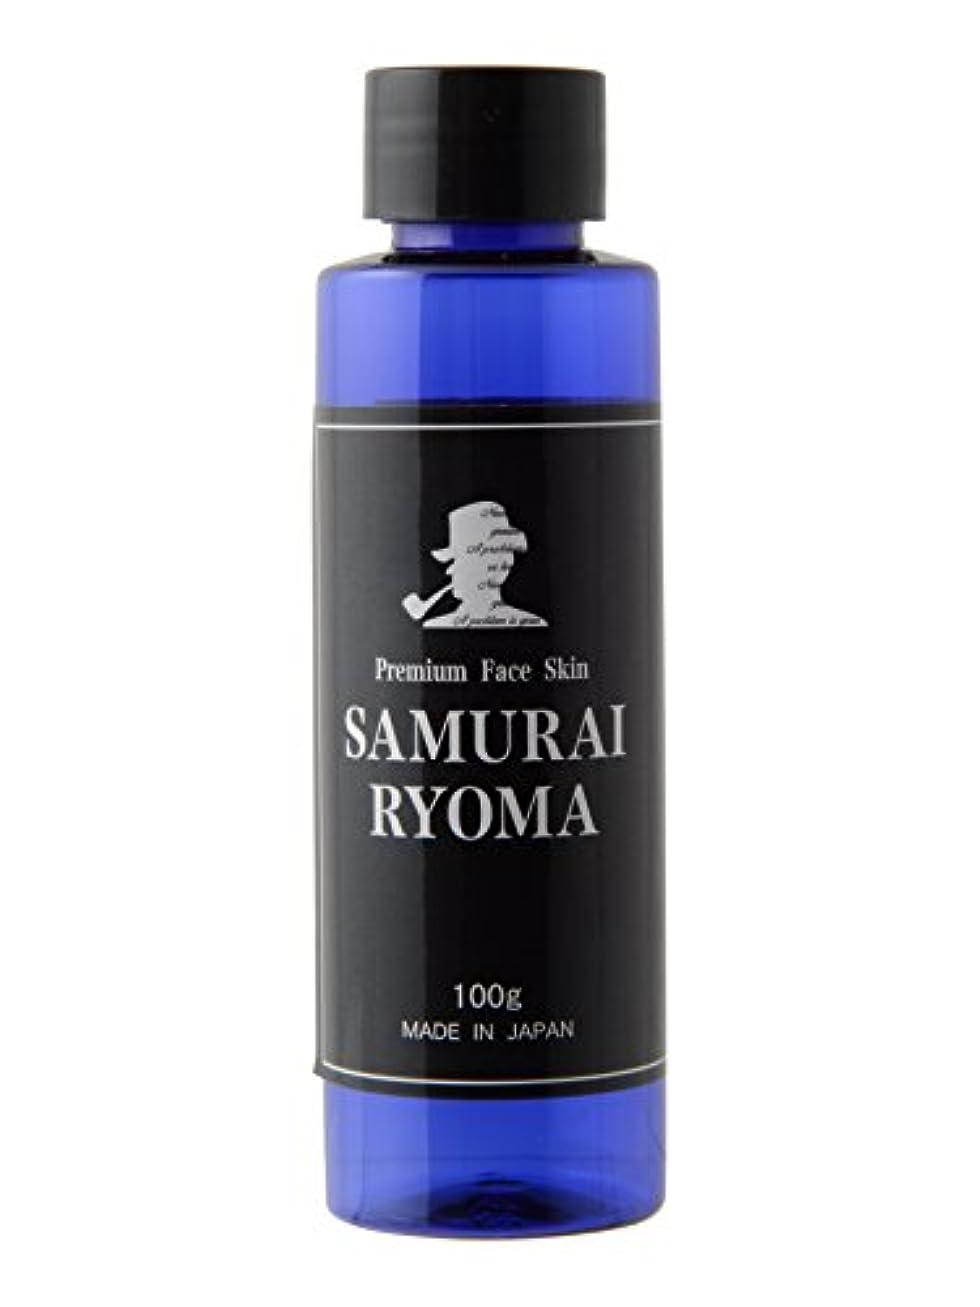 発明コークス限界サムライ リョウマ (SAMURAI RYOMA) オールインワン 化粧水 & アフターシェーブローション メンズ スキンケア 男性 用